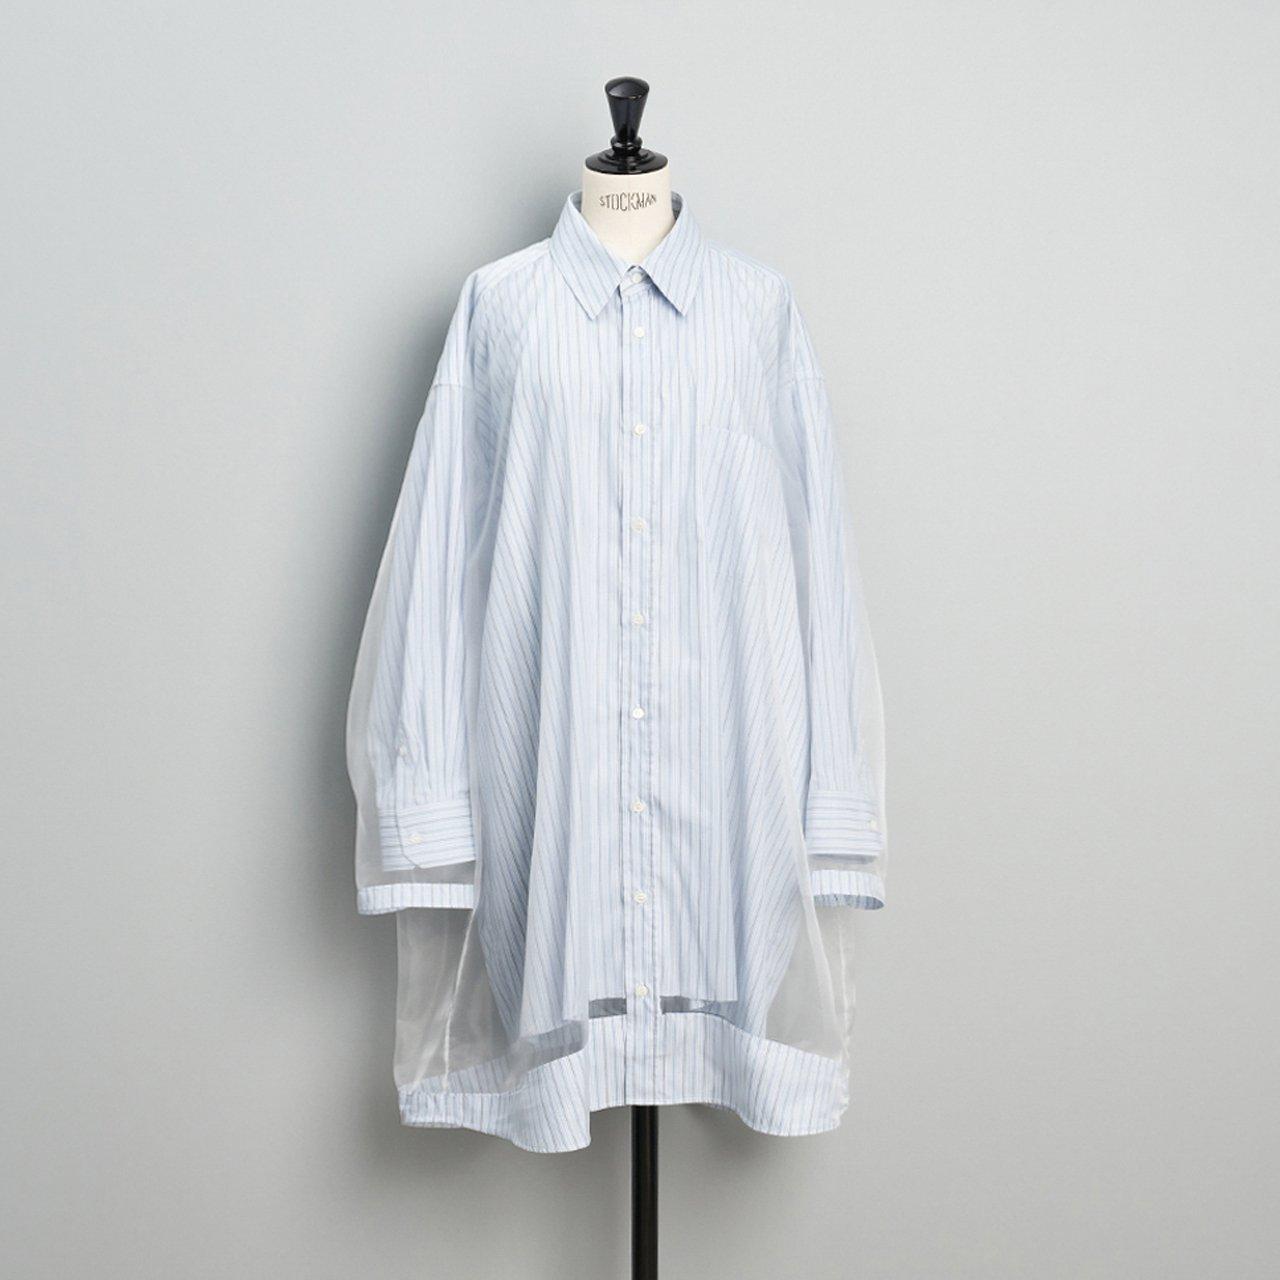 Maison Margiela PARIS <BR>パネルシャツドレス <BR>ストライプ